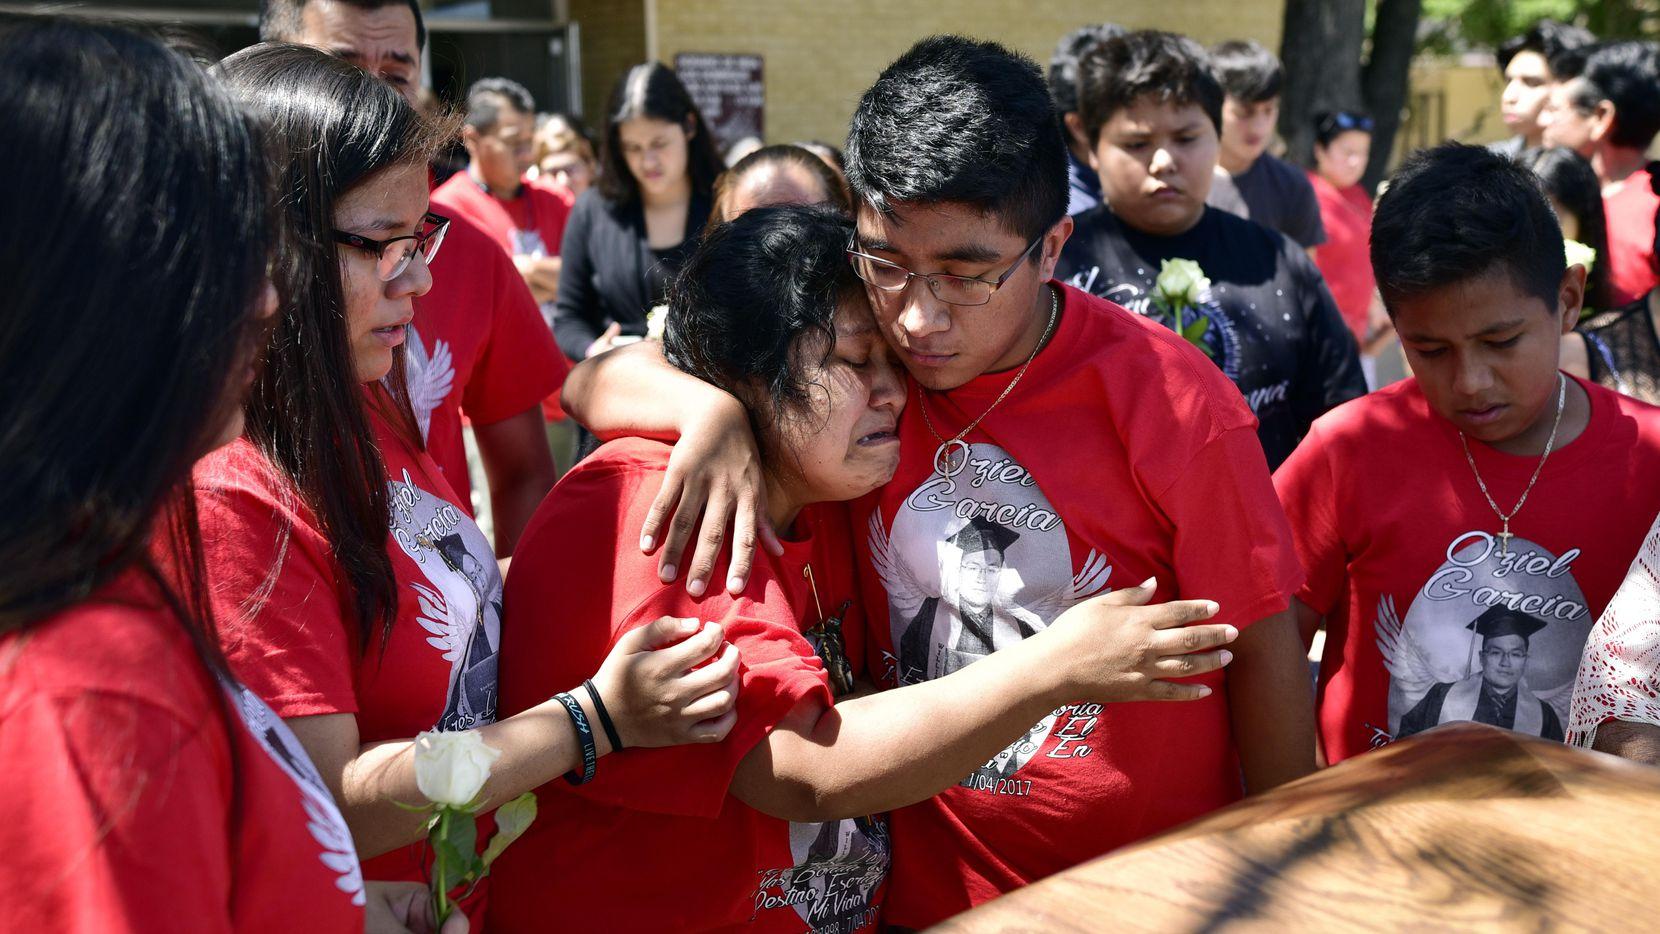 Susana García recibe el consuleo de su hijo Isaar durante el funeral de su hermano Oziel en la iglesia San Juan Diego.BEN TORRES/AL DÍA